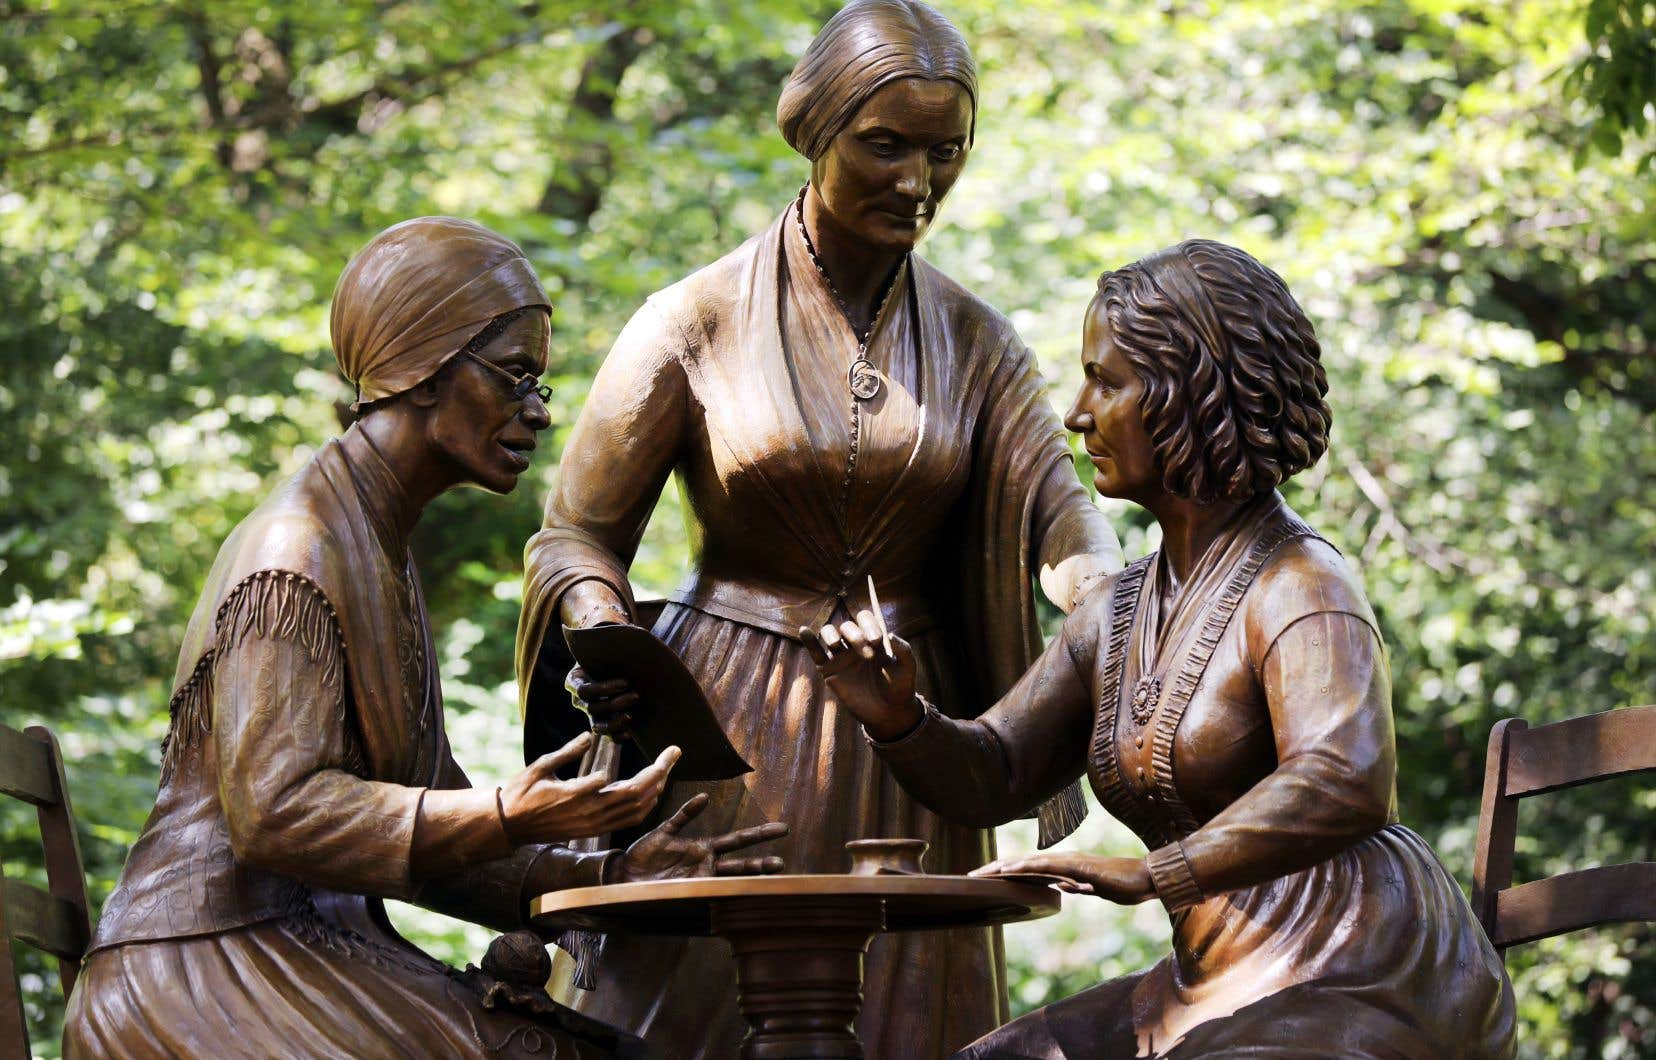 Un monument à New York rend hommage au travail de trois icônes, Sojourner Truth, Susan B. Anthony et Elizabeth Cady Stanton, dans la lutte pour la participation politique des femmes.